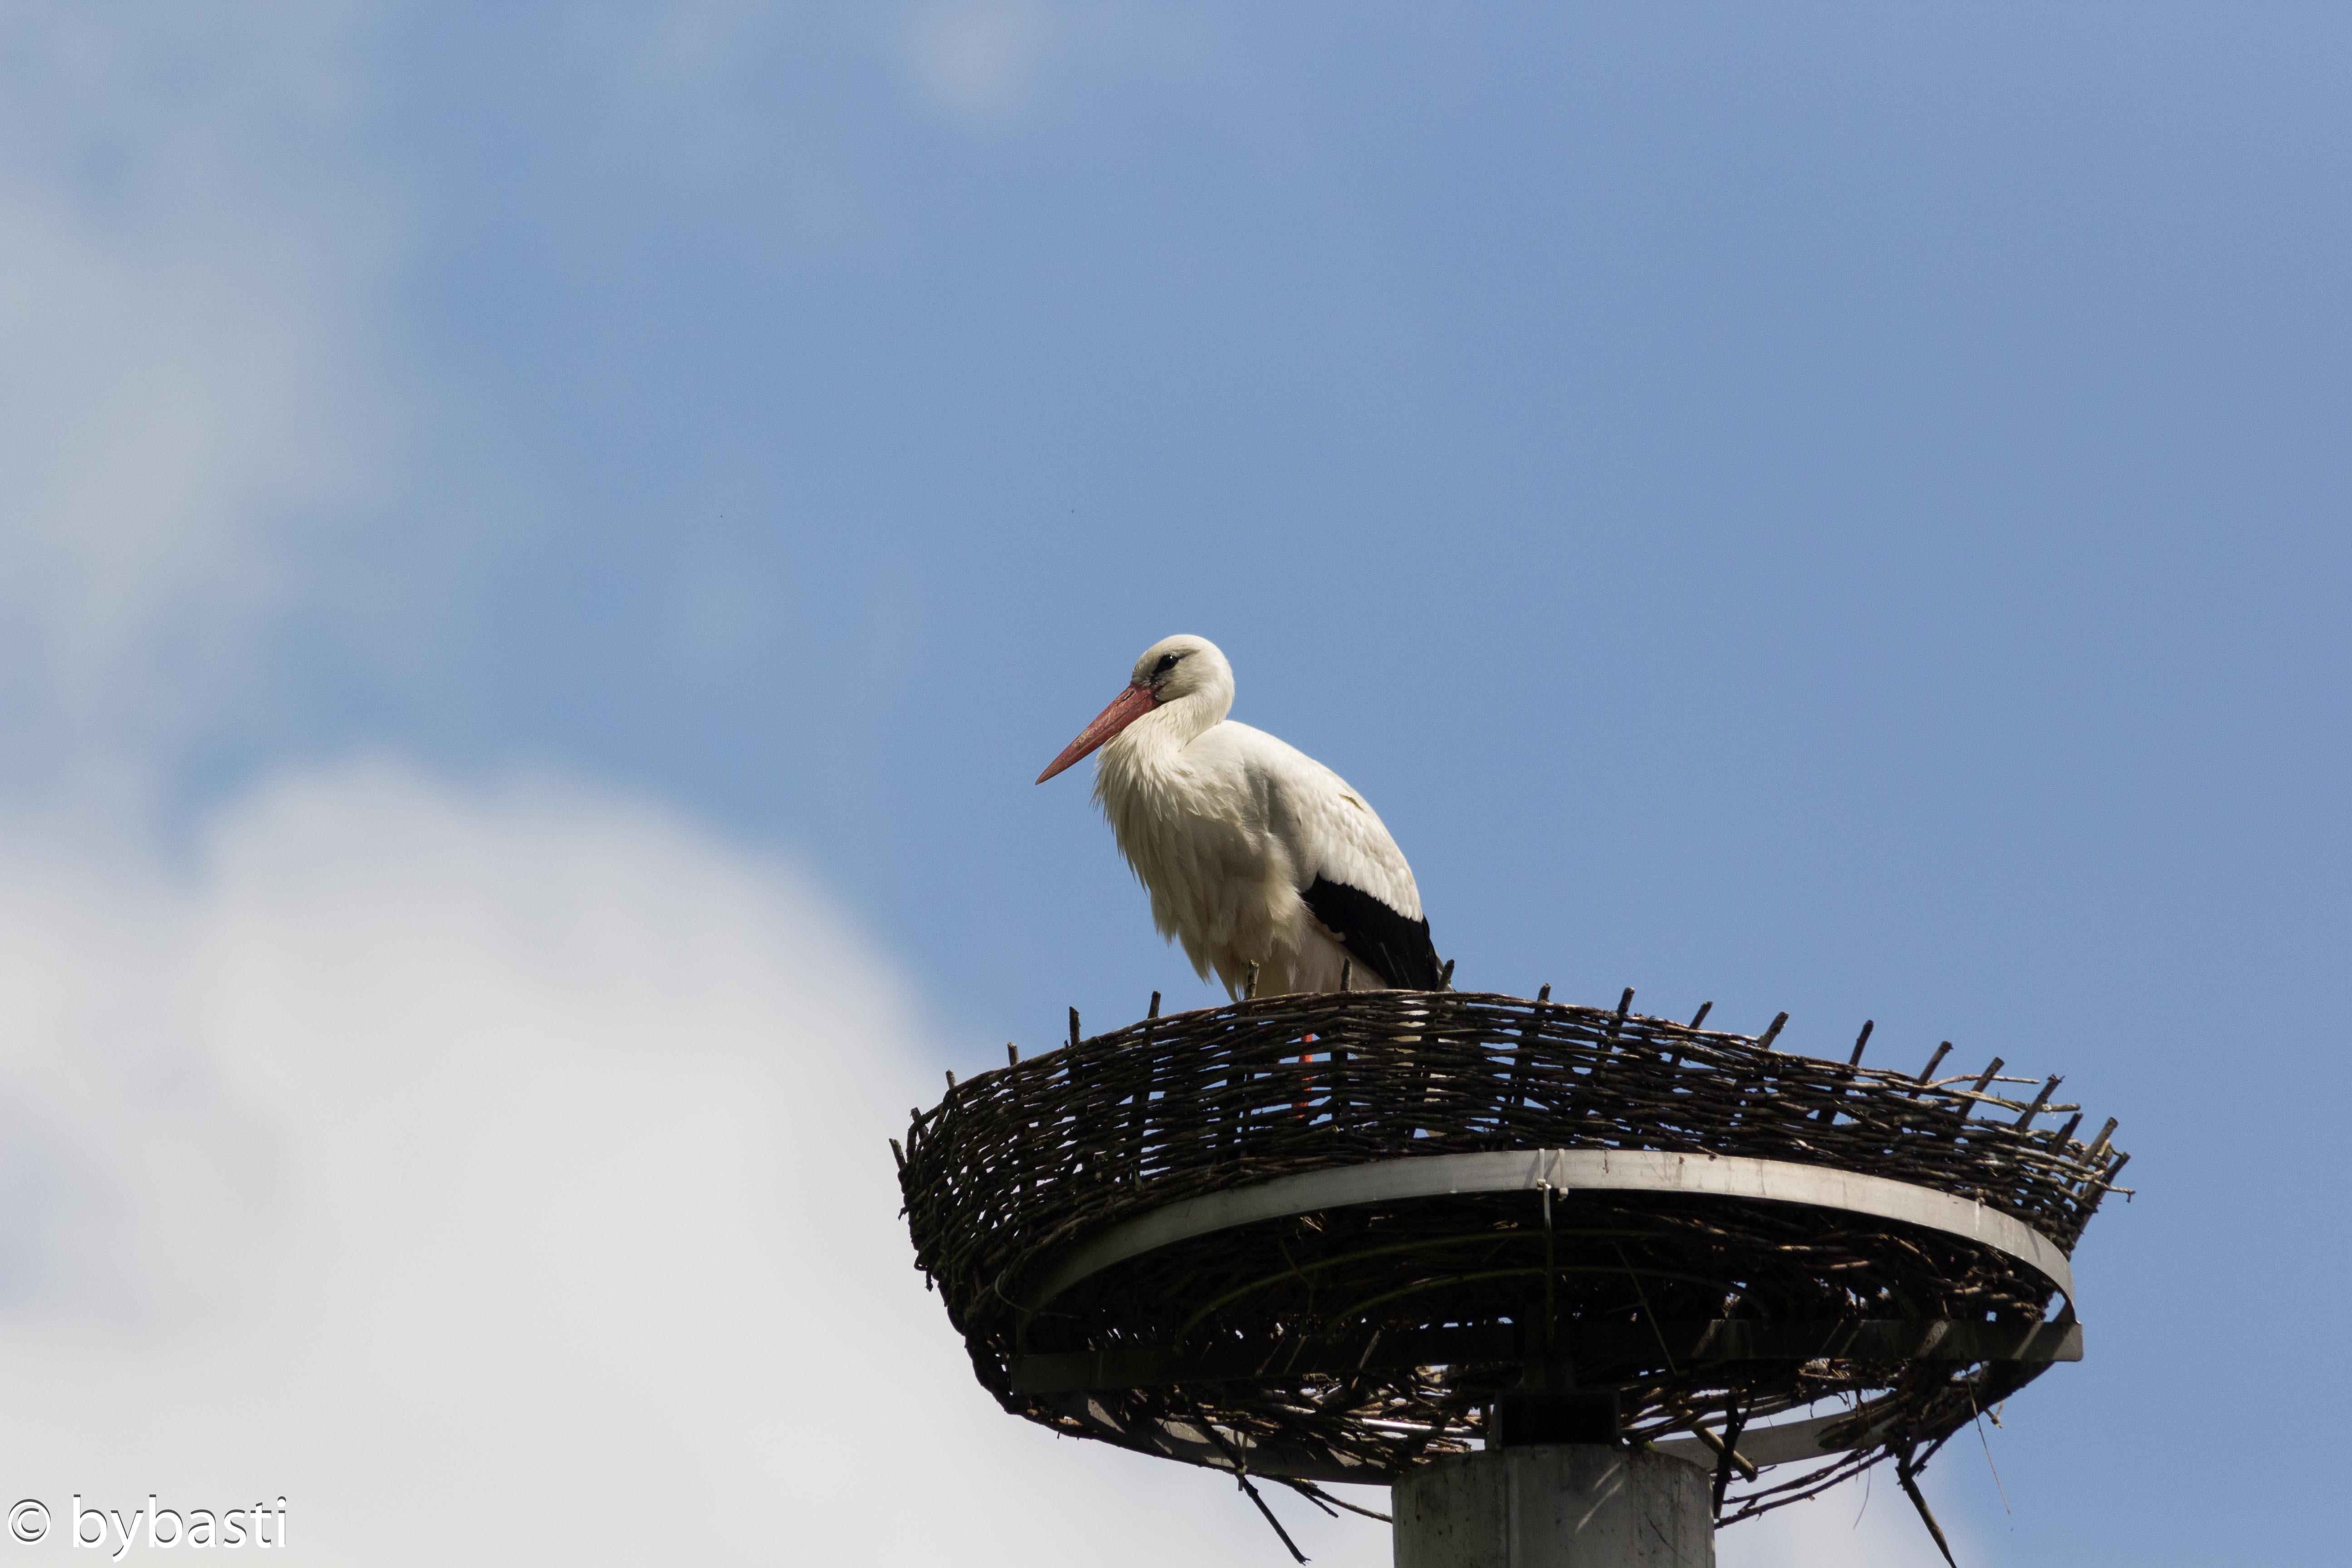 Storks _03